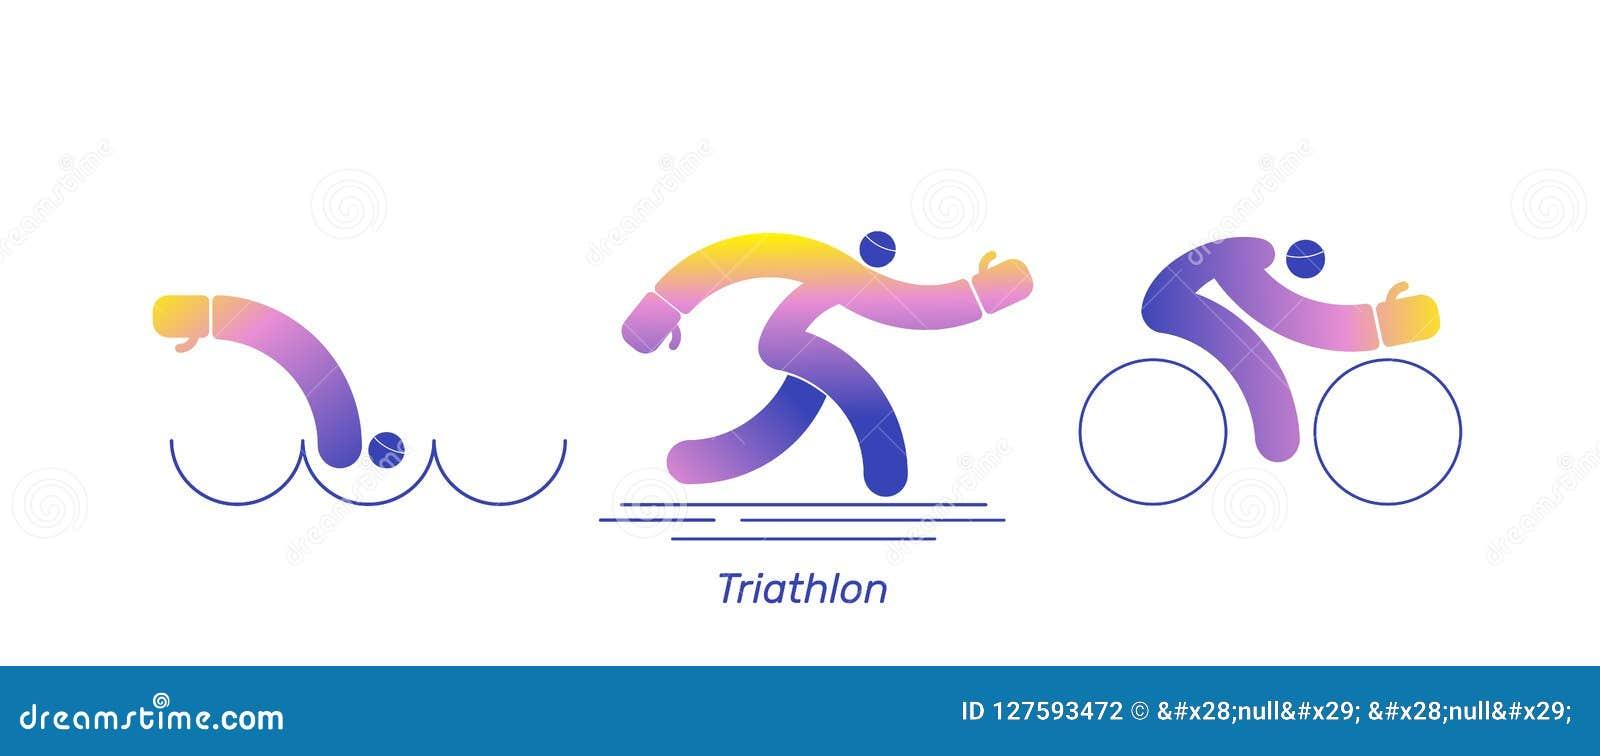 Διανυσματικό αθλητικό ποδήλατο δραστηριότητας Triathlon Το τρέξιμο λογότυπων κολυμπά το δρομέα Εικονίδια - κολύμβηση, τρέξιμο, πο